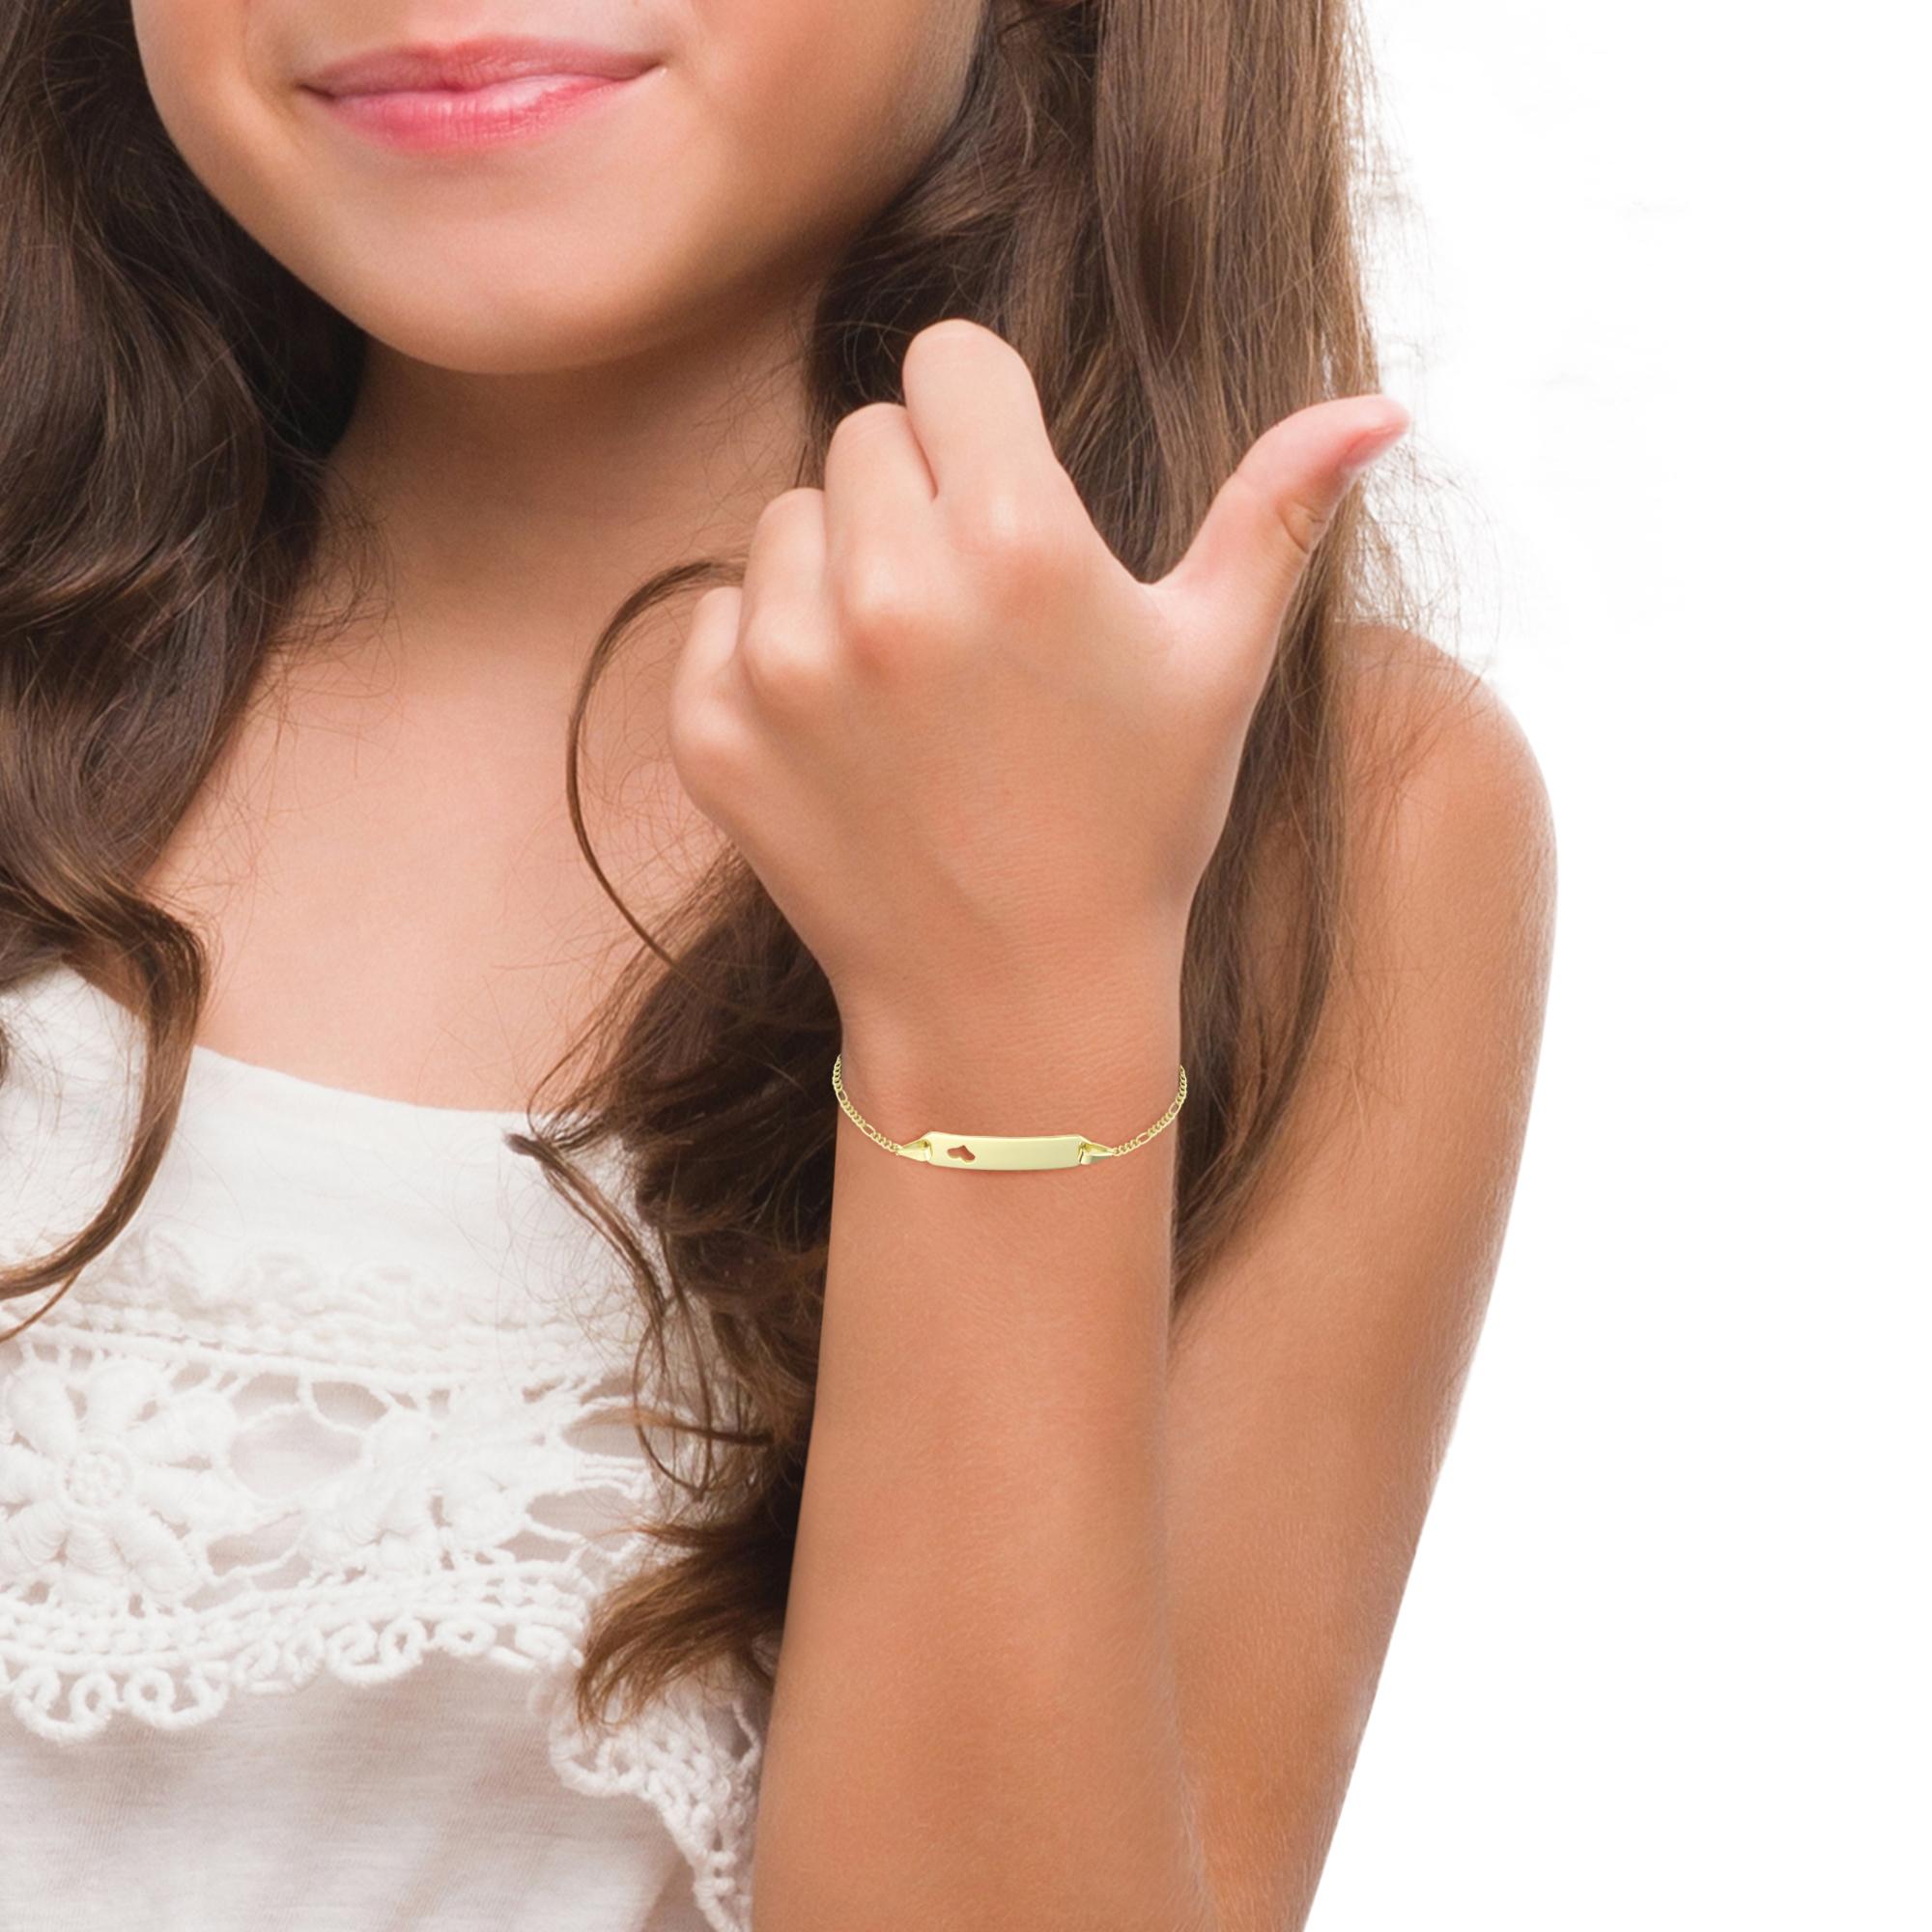 Identarmband für Mädchen, Gold 375, Herz